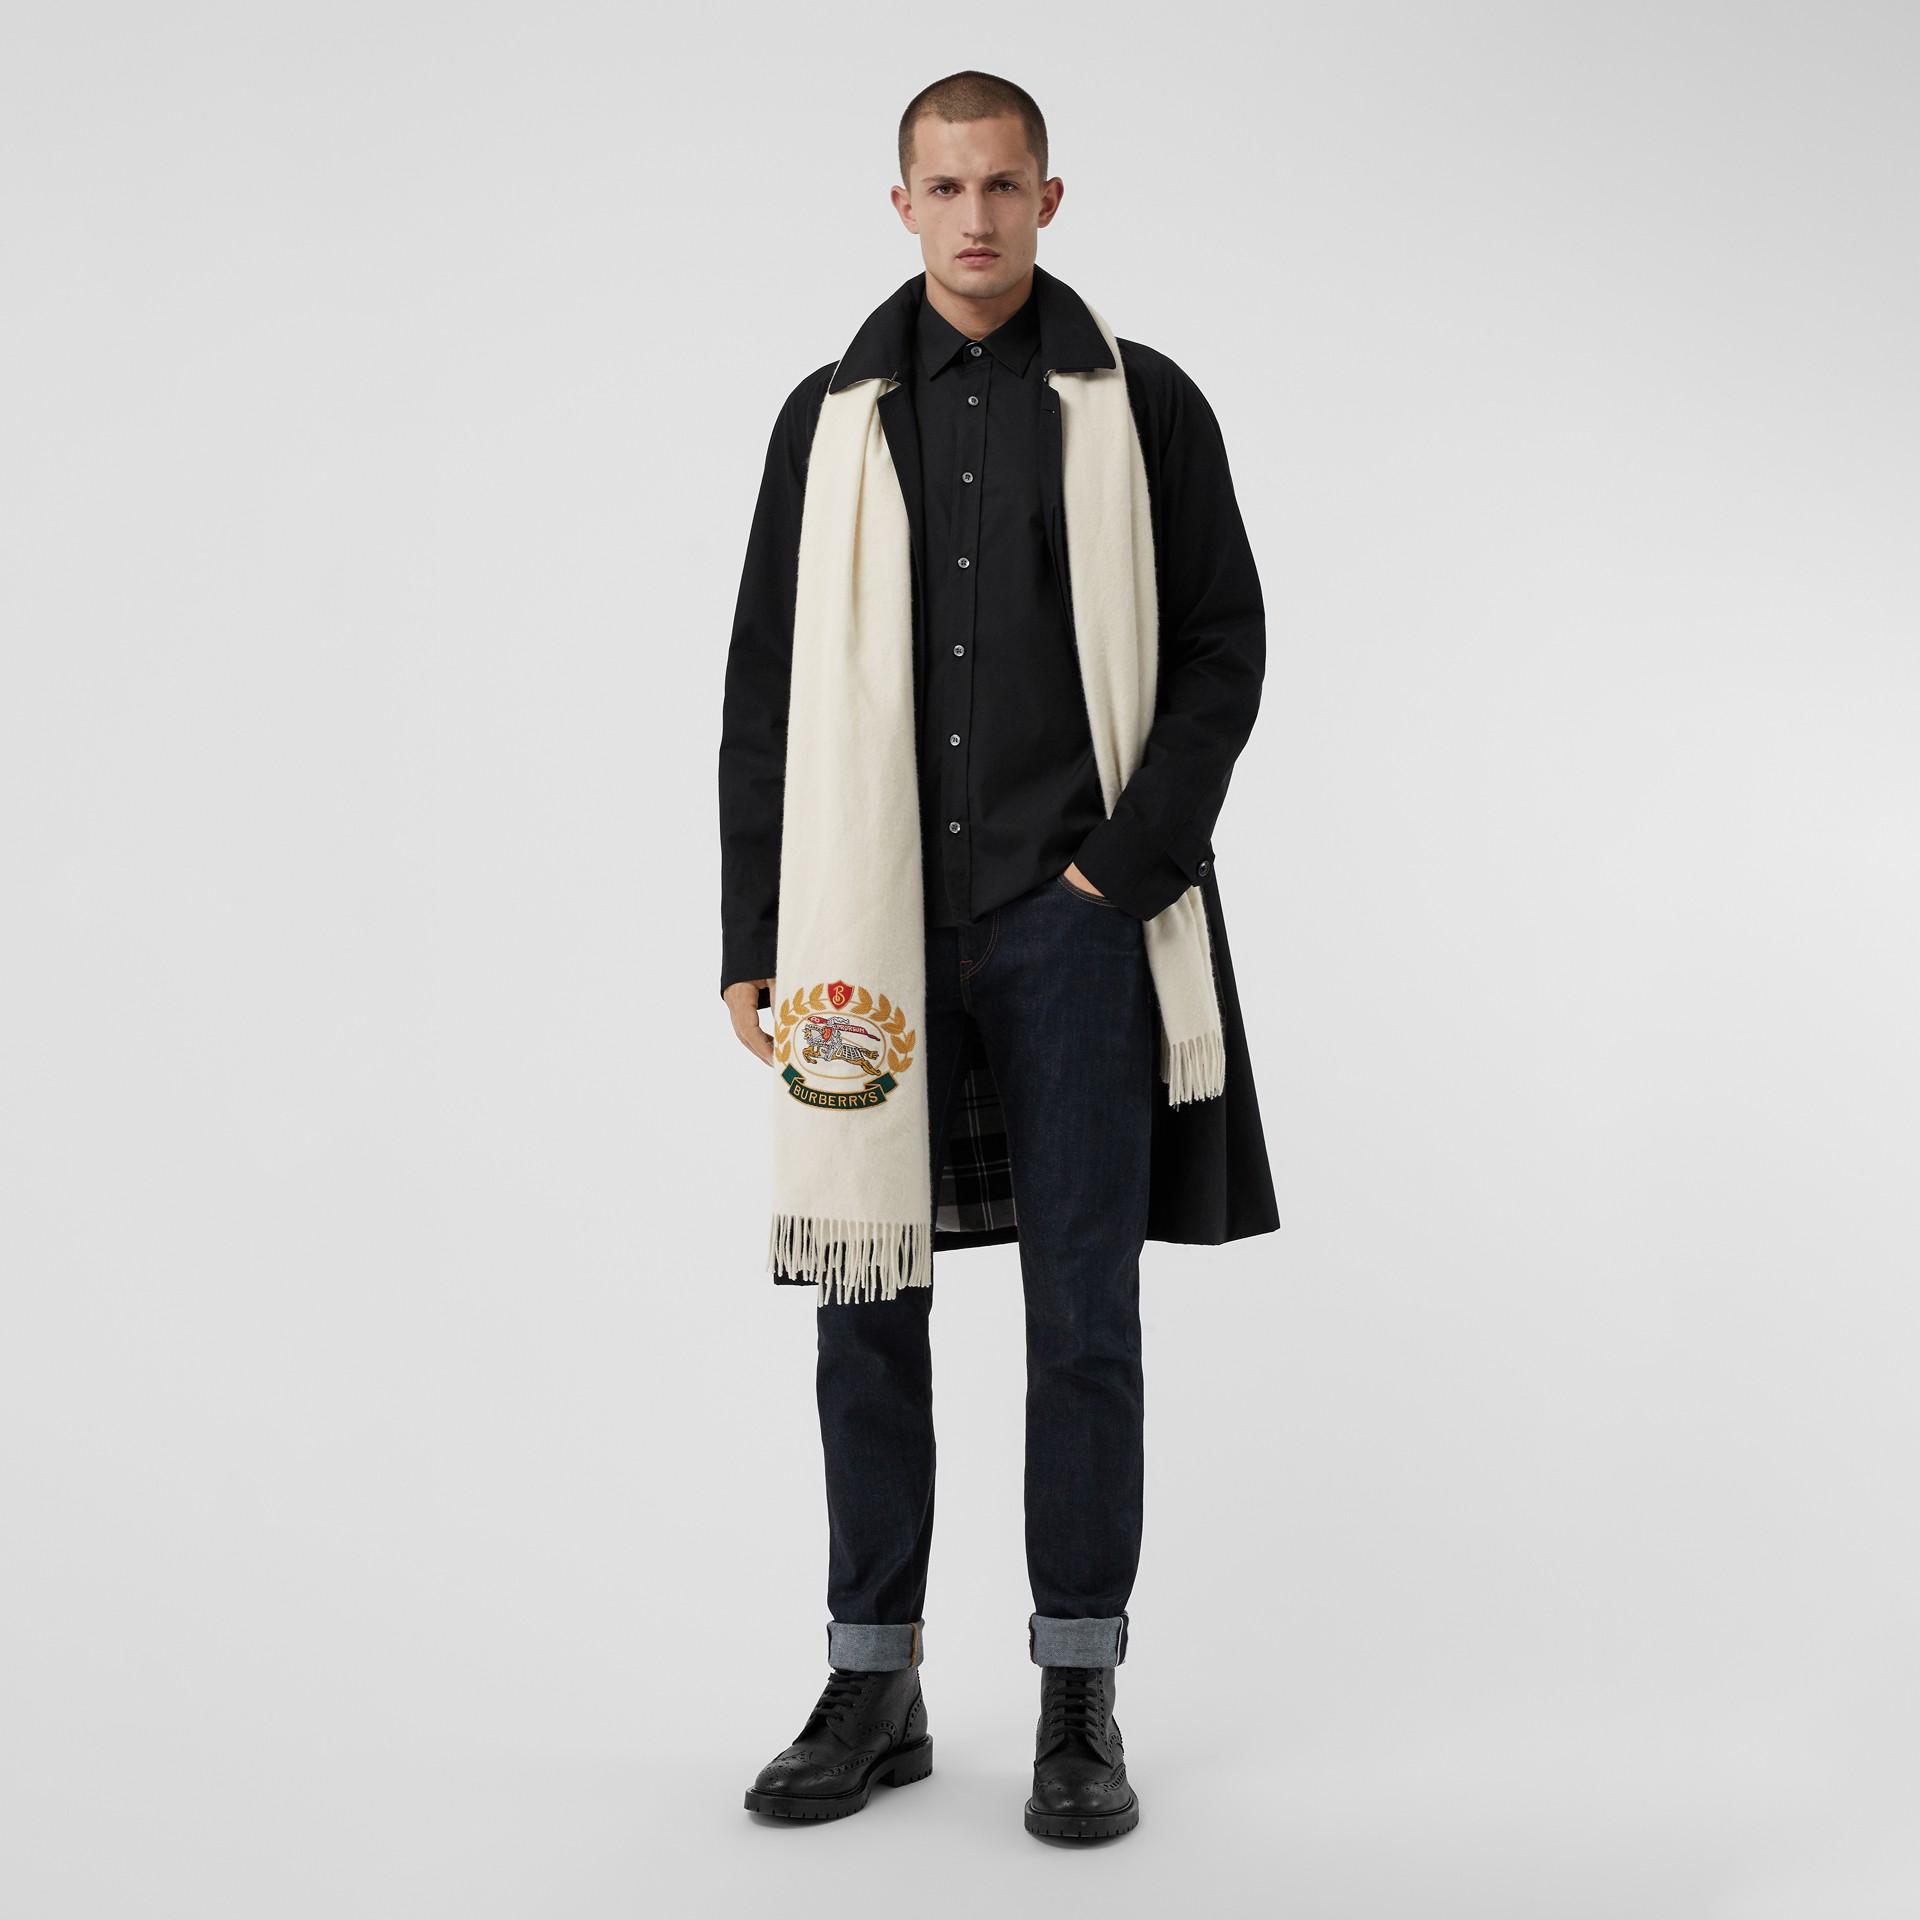 Chemise en popeline de coton extensible avec poignets à motif check (Noir) - Homme | Burberry Canada - photo de la galerie 5